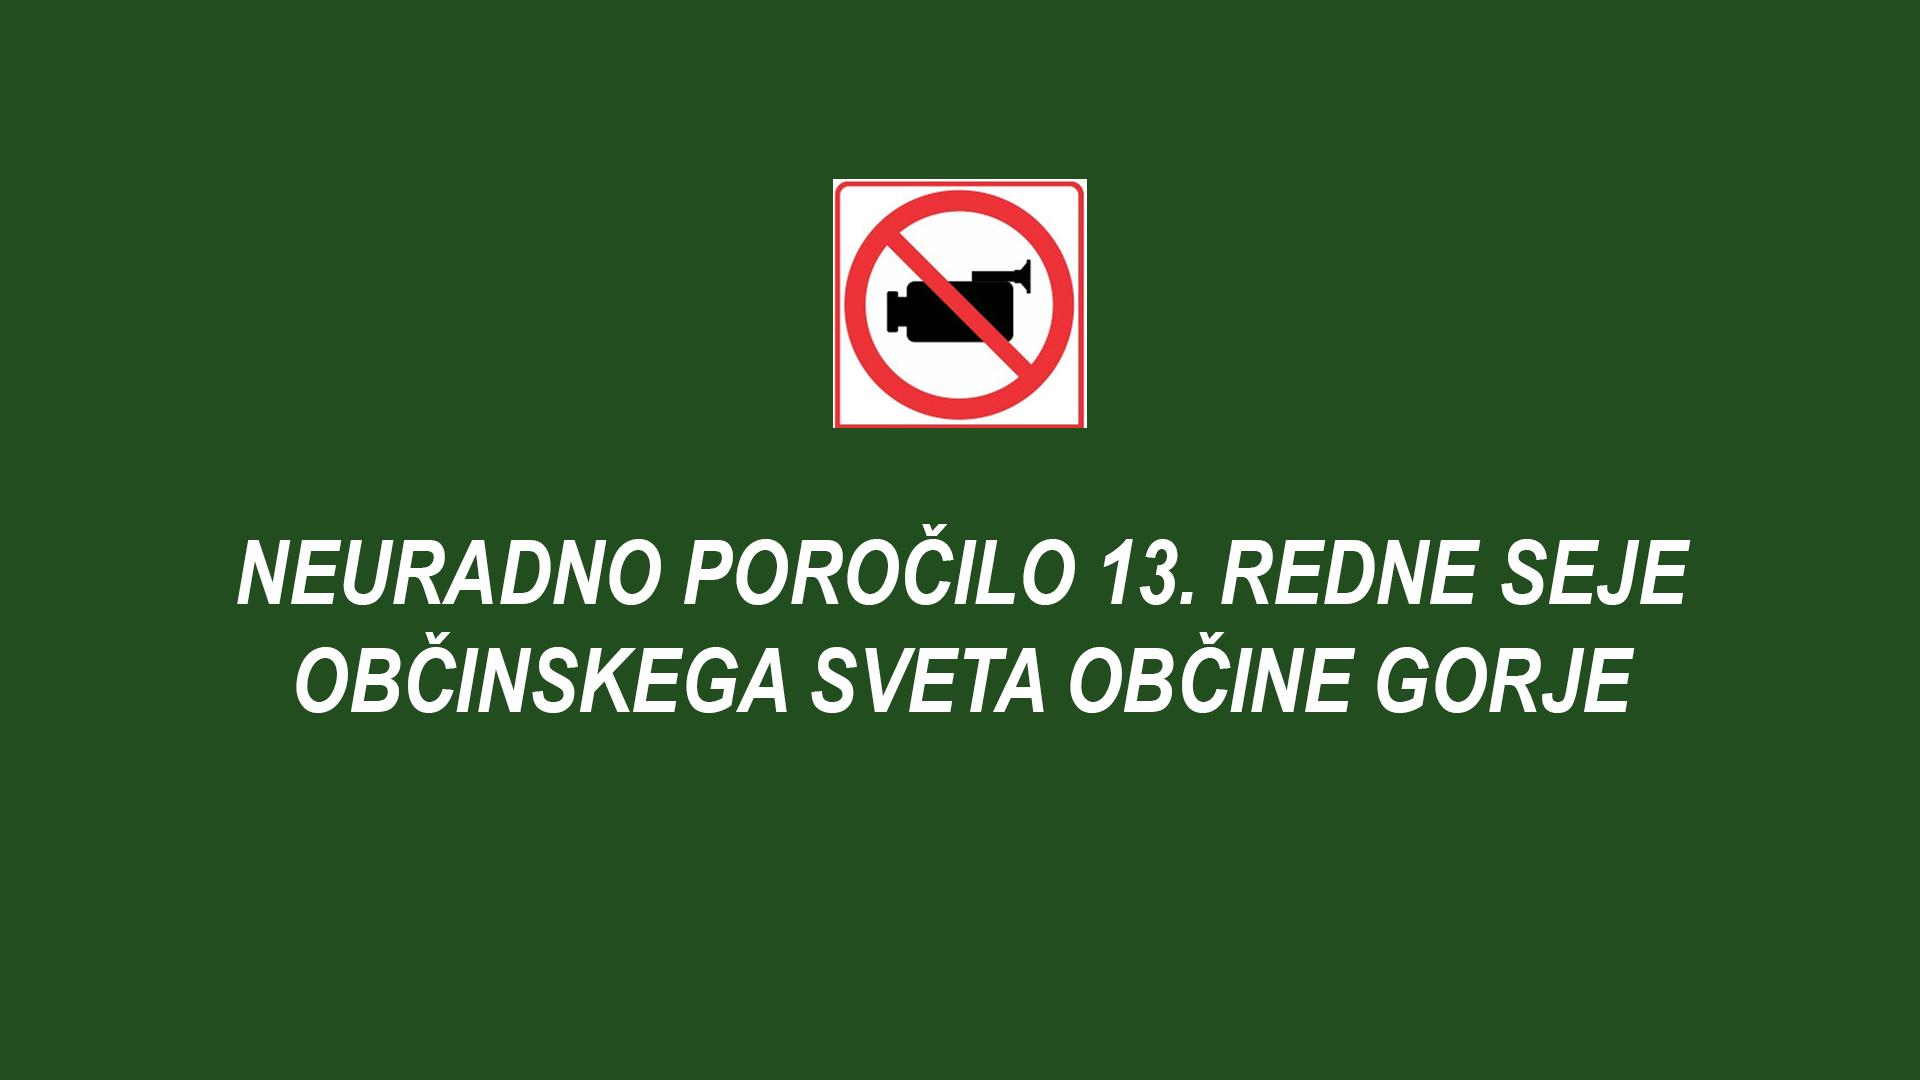 Neuradno poročilo 13. redne seje Občinskega sveta Občine Gorje